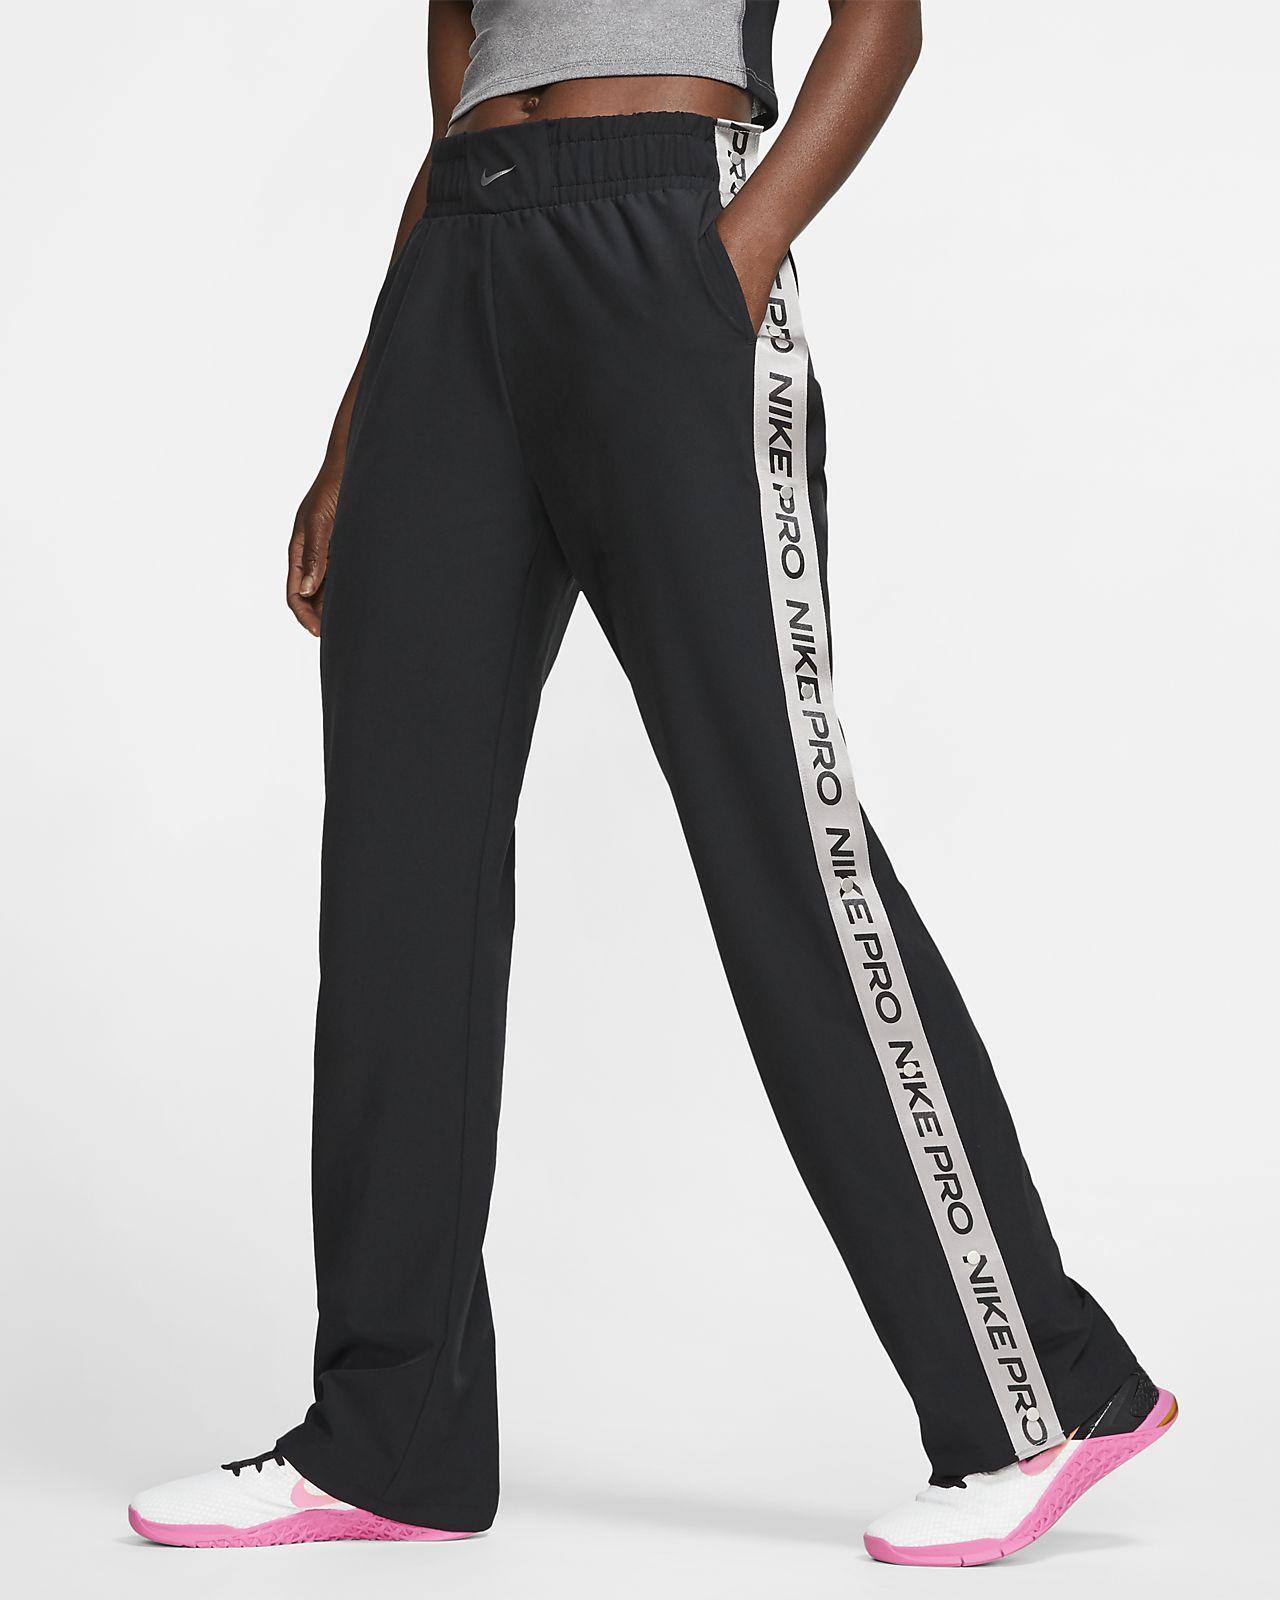 Nike Pro Tear-Away-bukse til dame